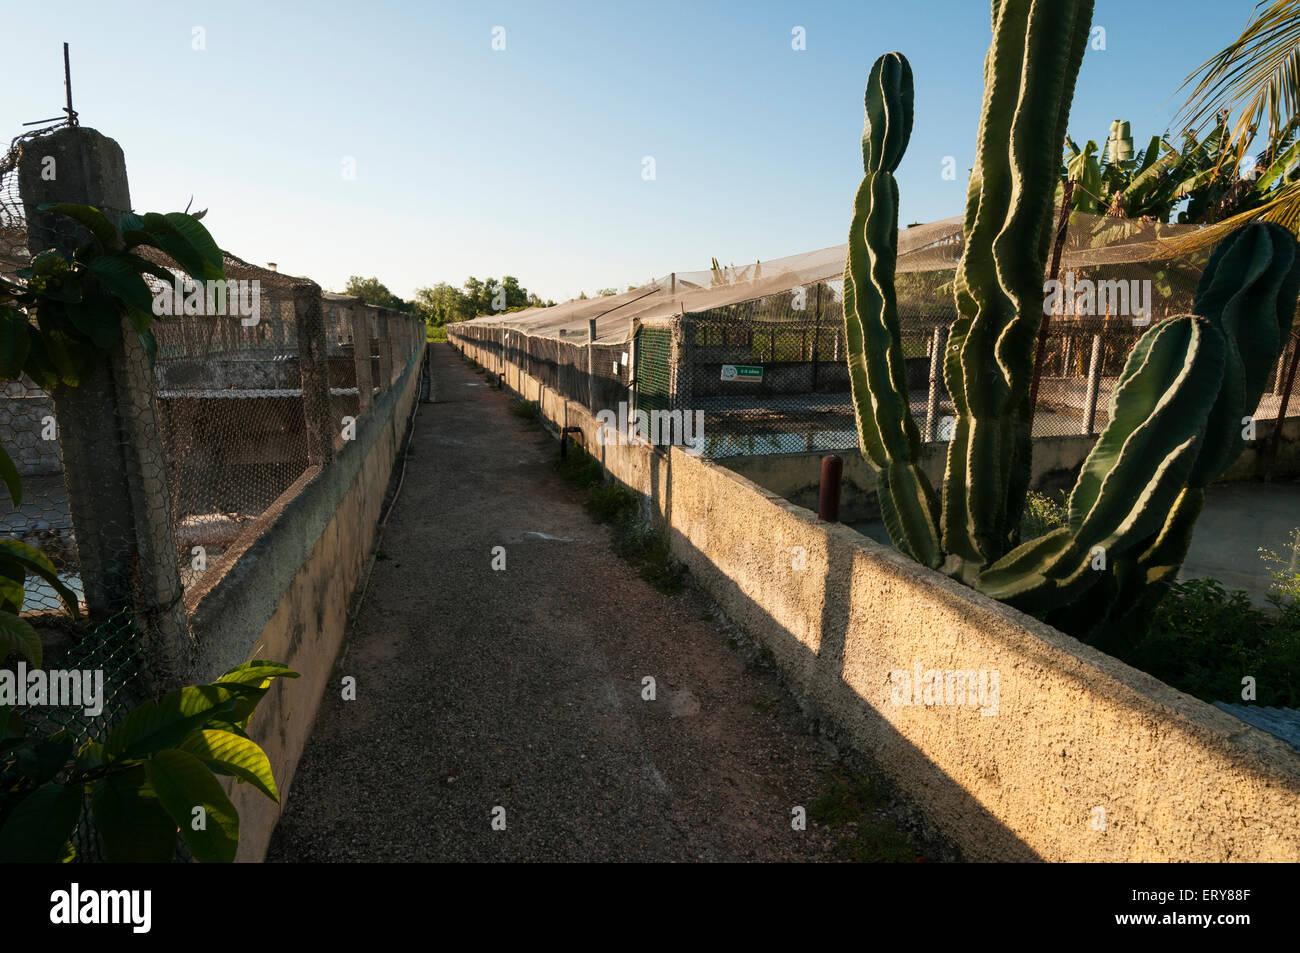 Elk224-3006 Cuba, Boca de Guama, Criadero de Crocodrilos, crocodile farm - Stock Image